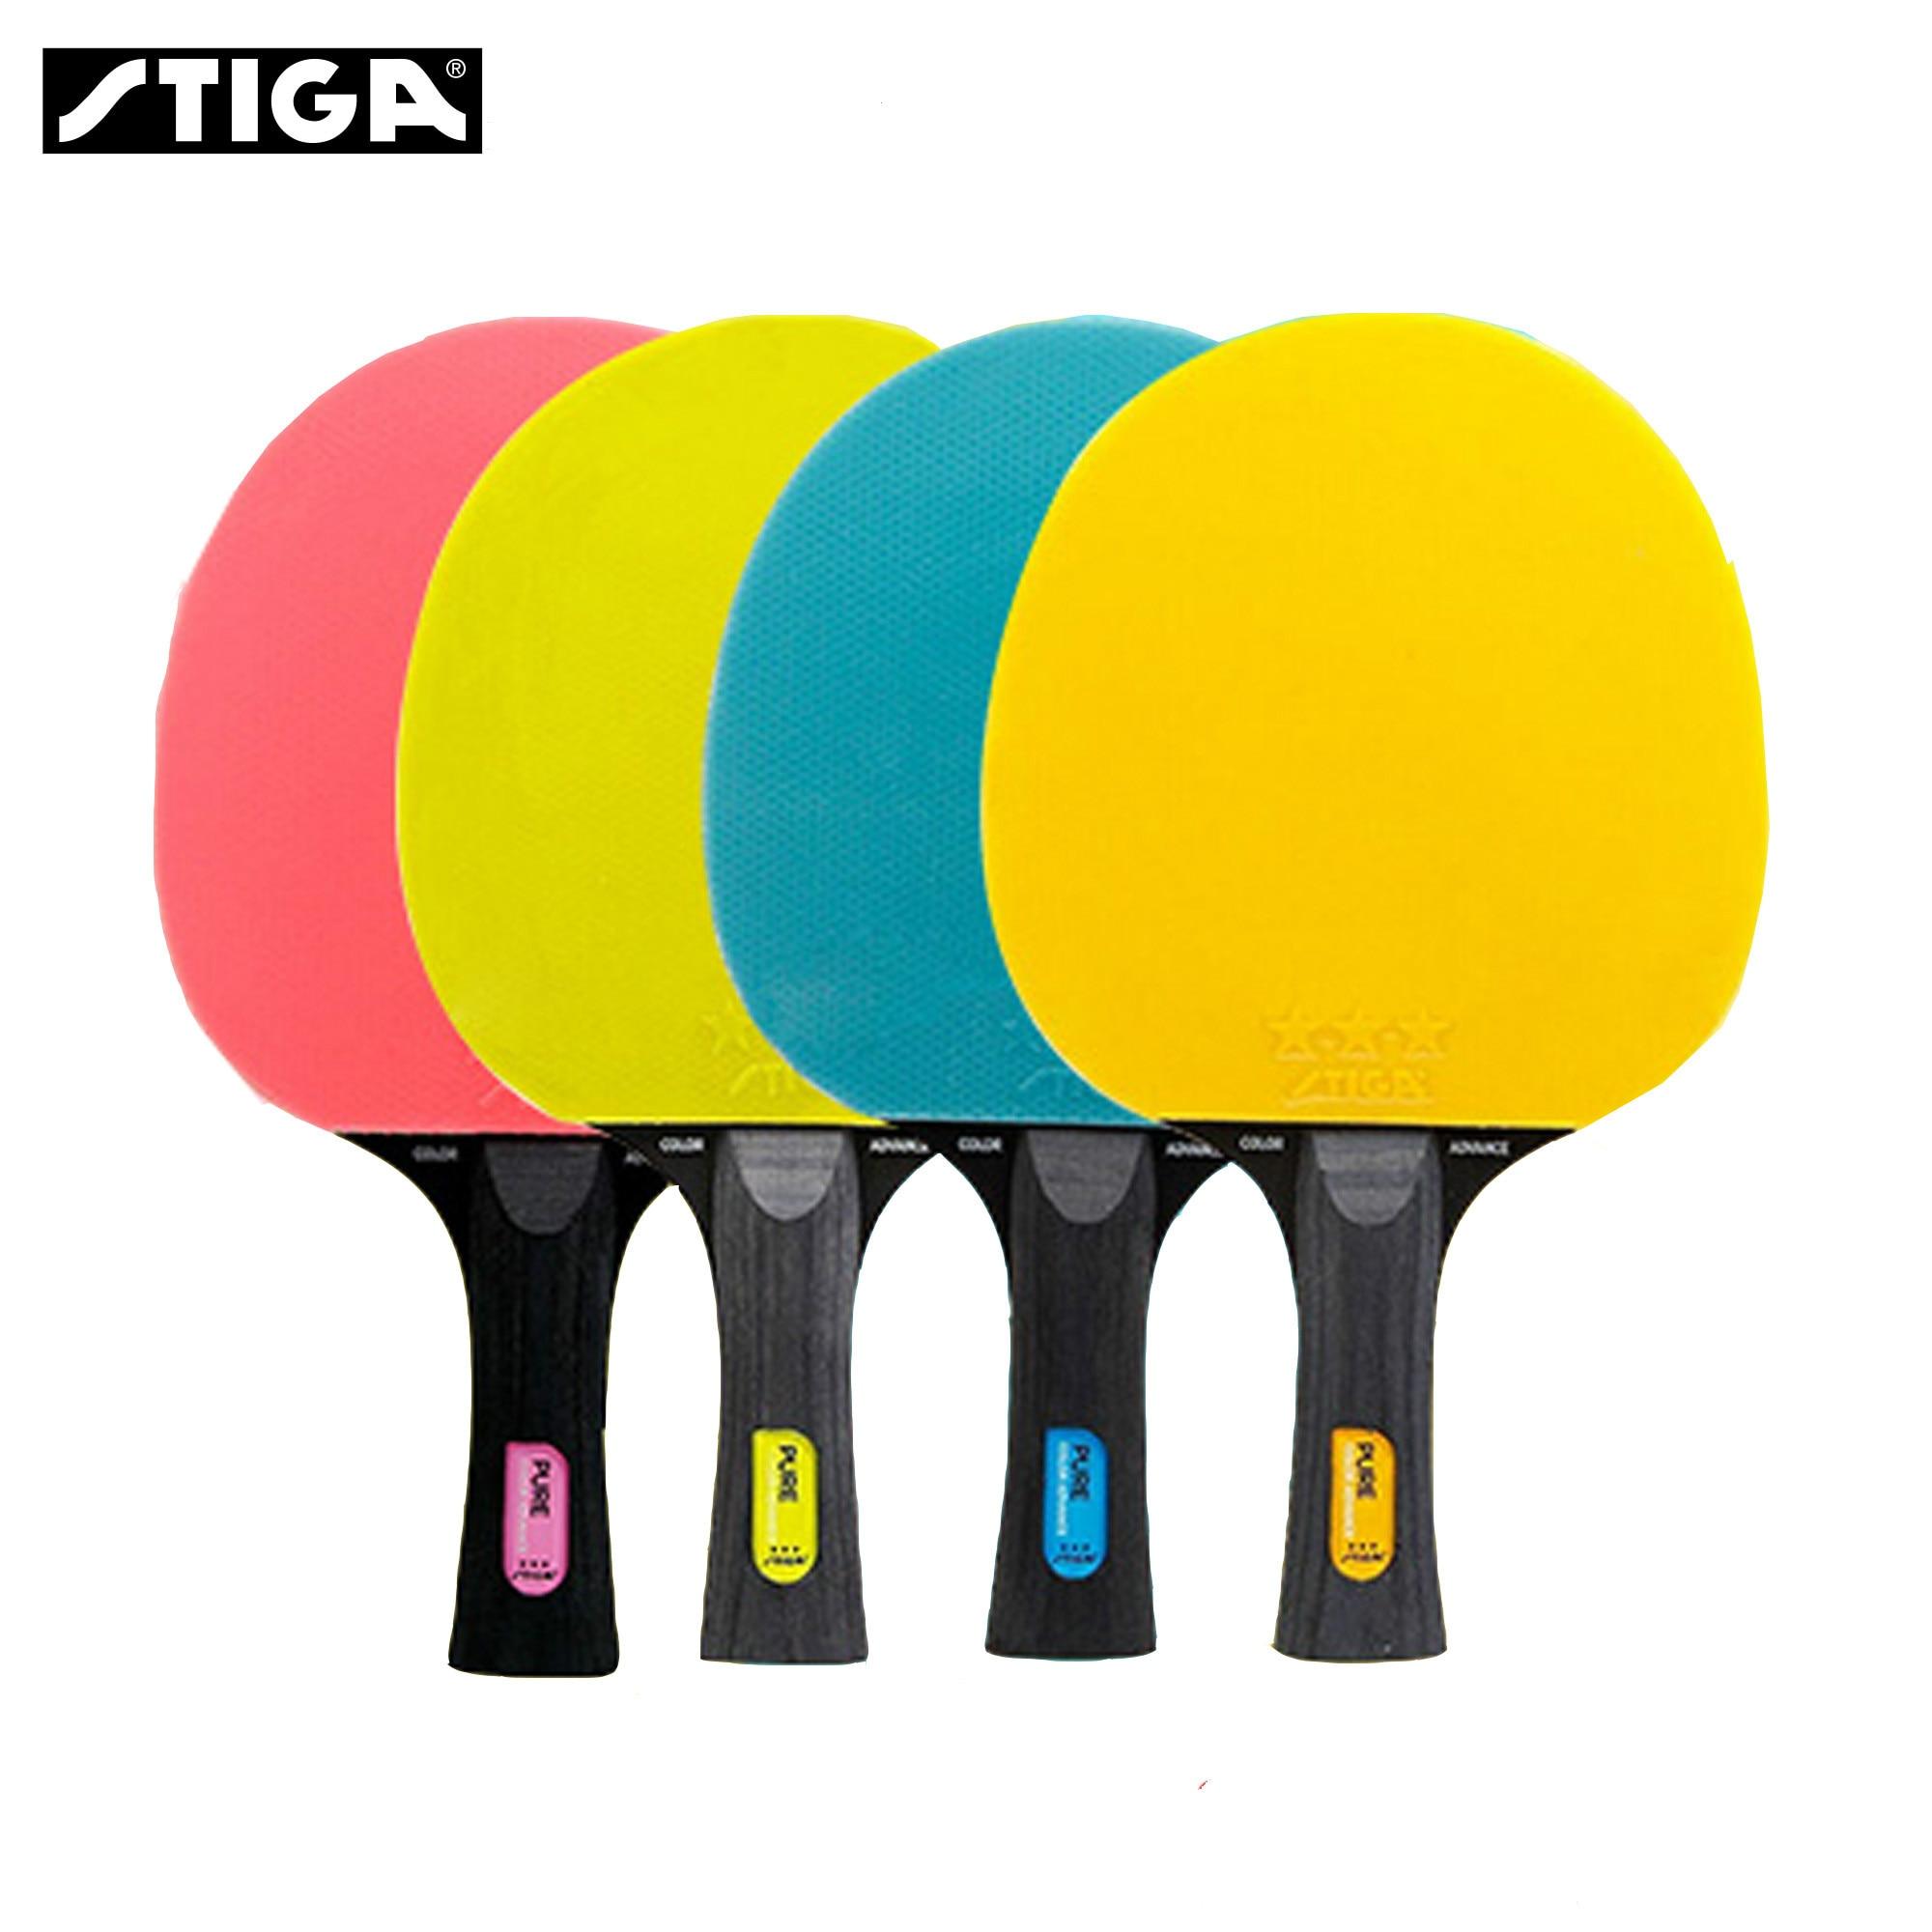 STIGA Tournoi Qualité Titan table raquette de tennis avec Crystal Technology